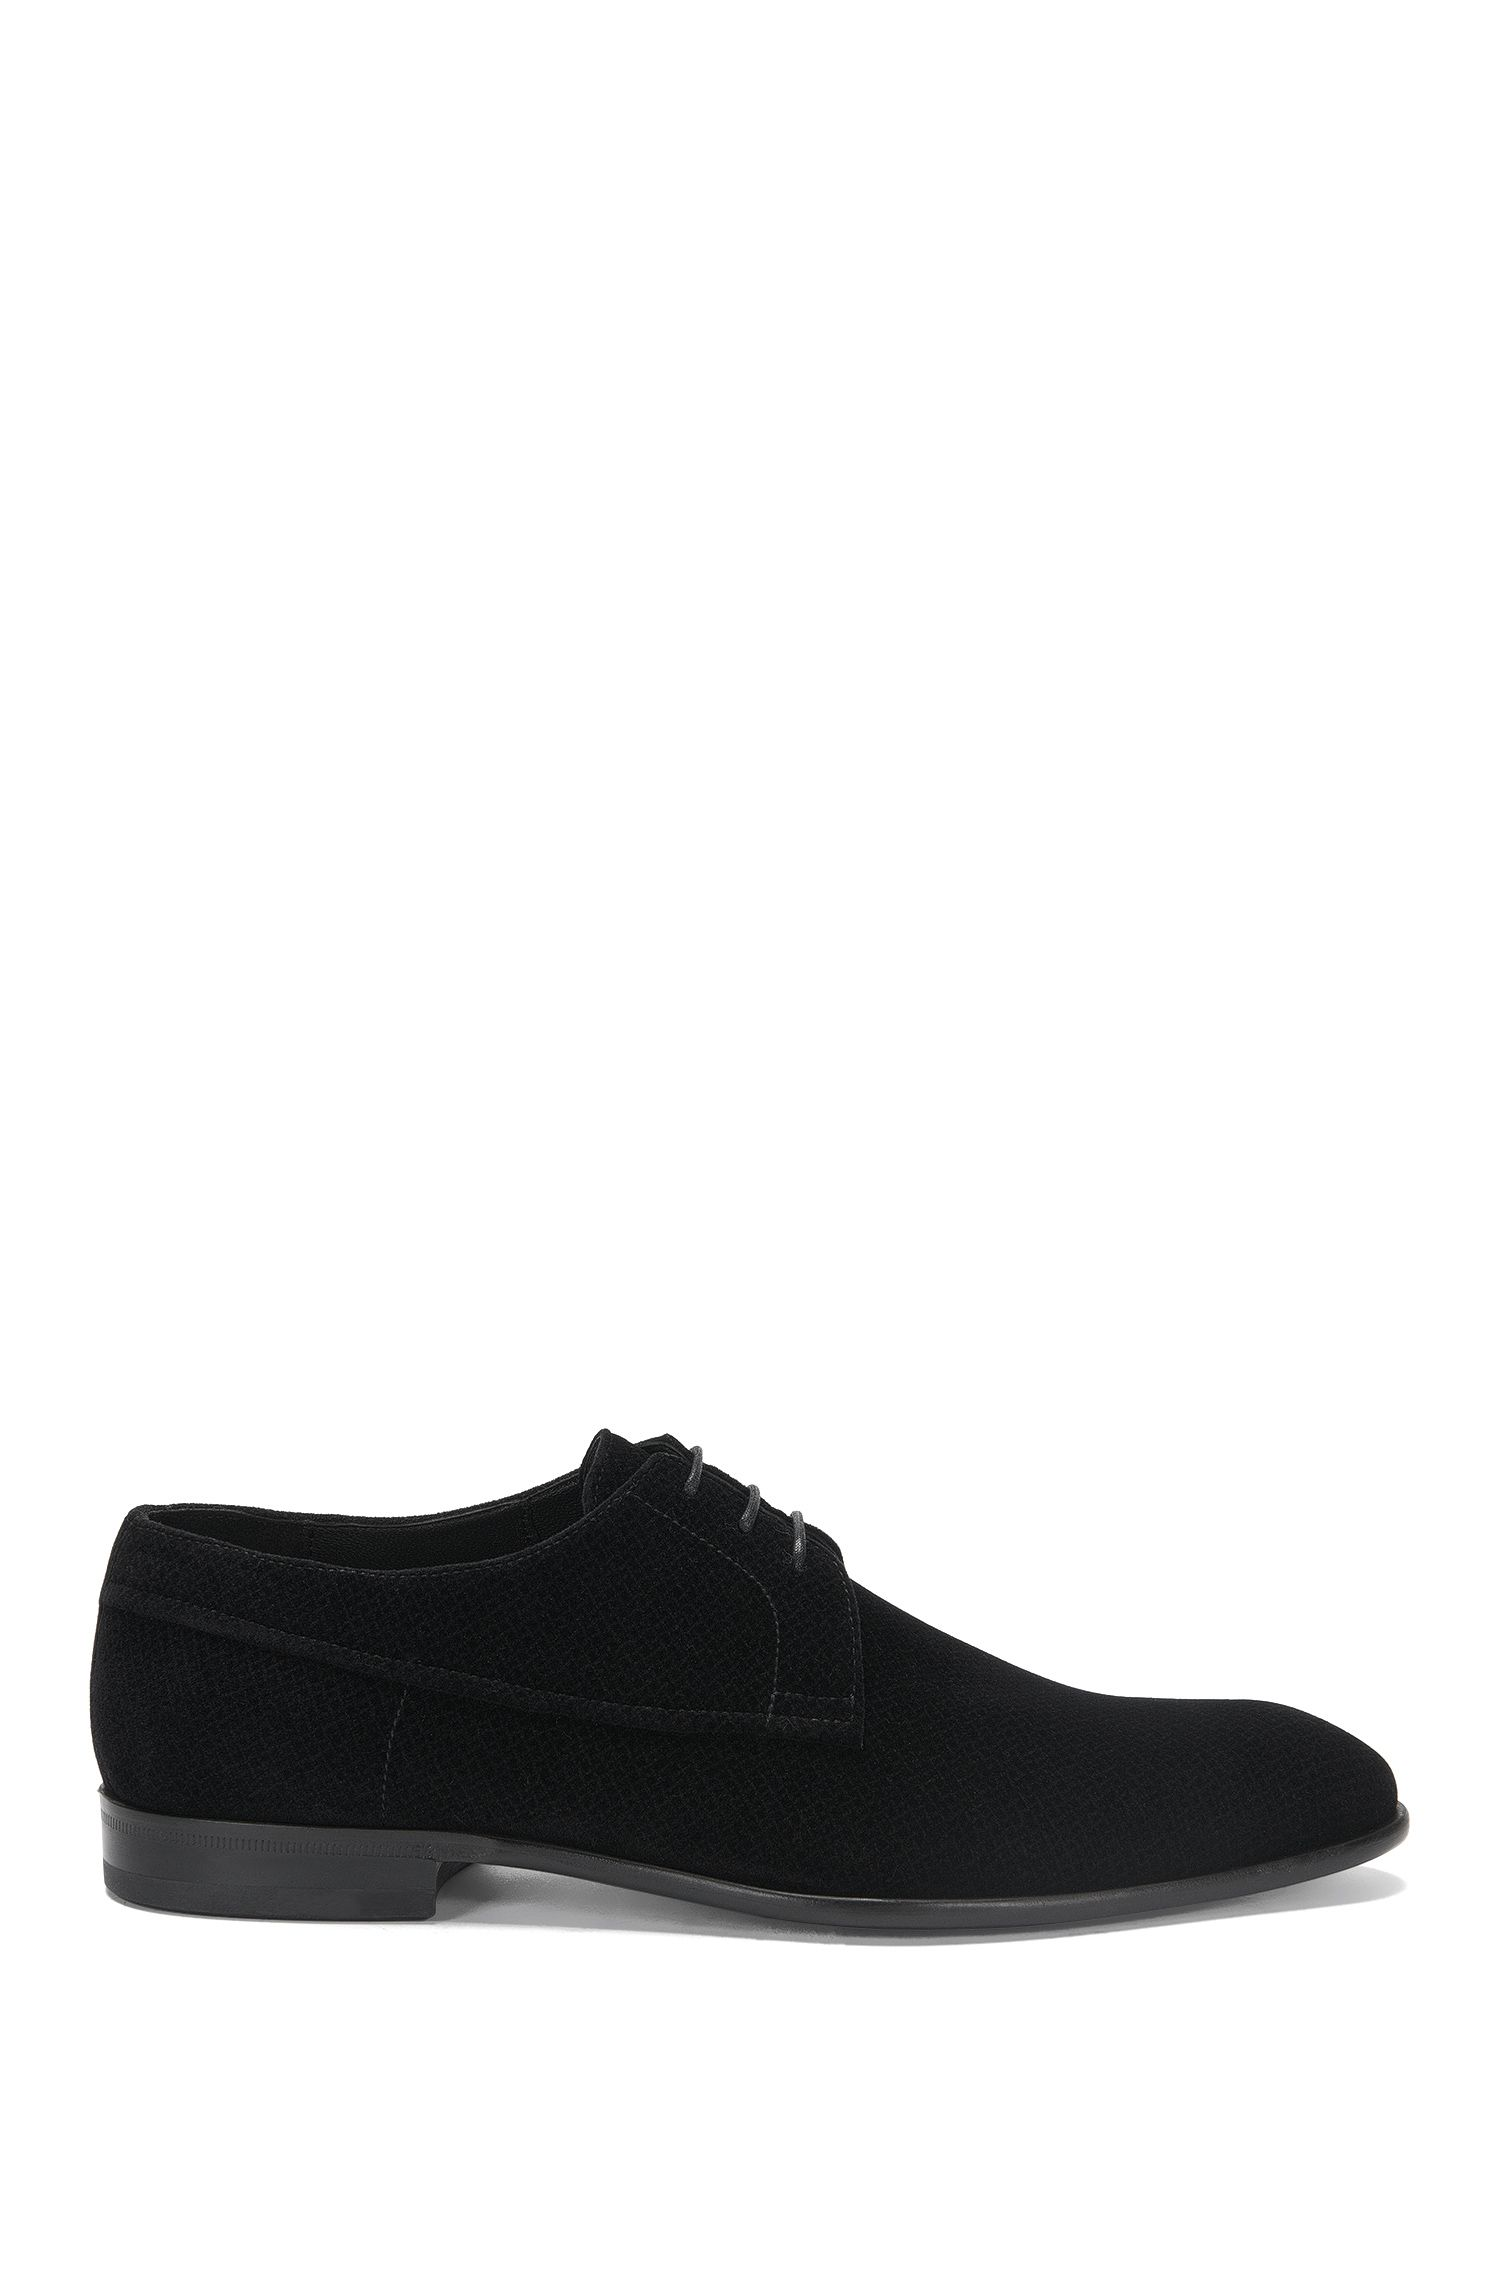 Zapatos de cordón en terciopelo de estilo Derby: 'Dressapp_Derb_vlt'